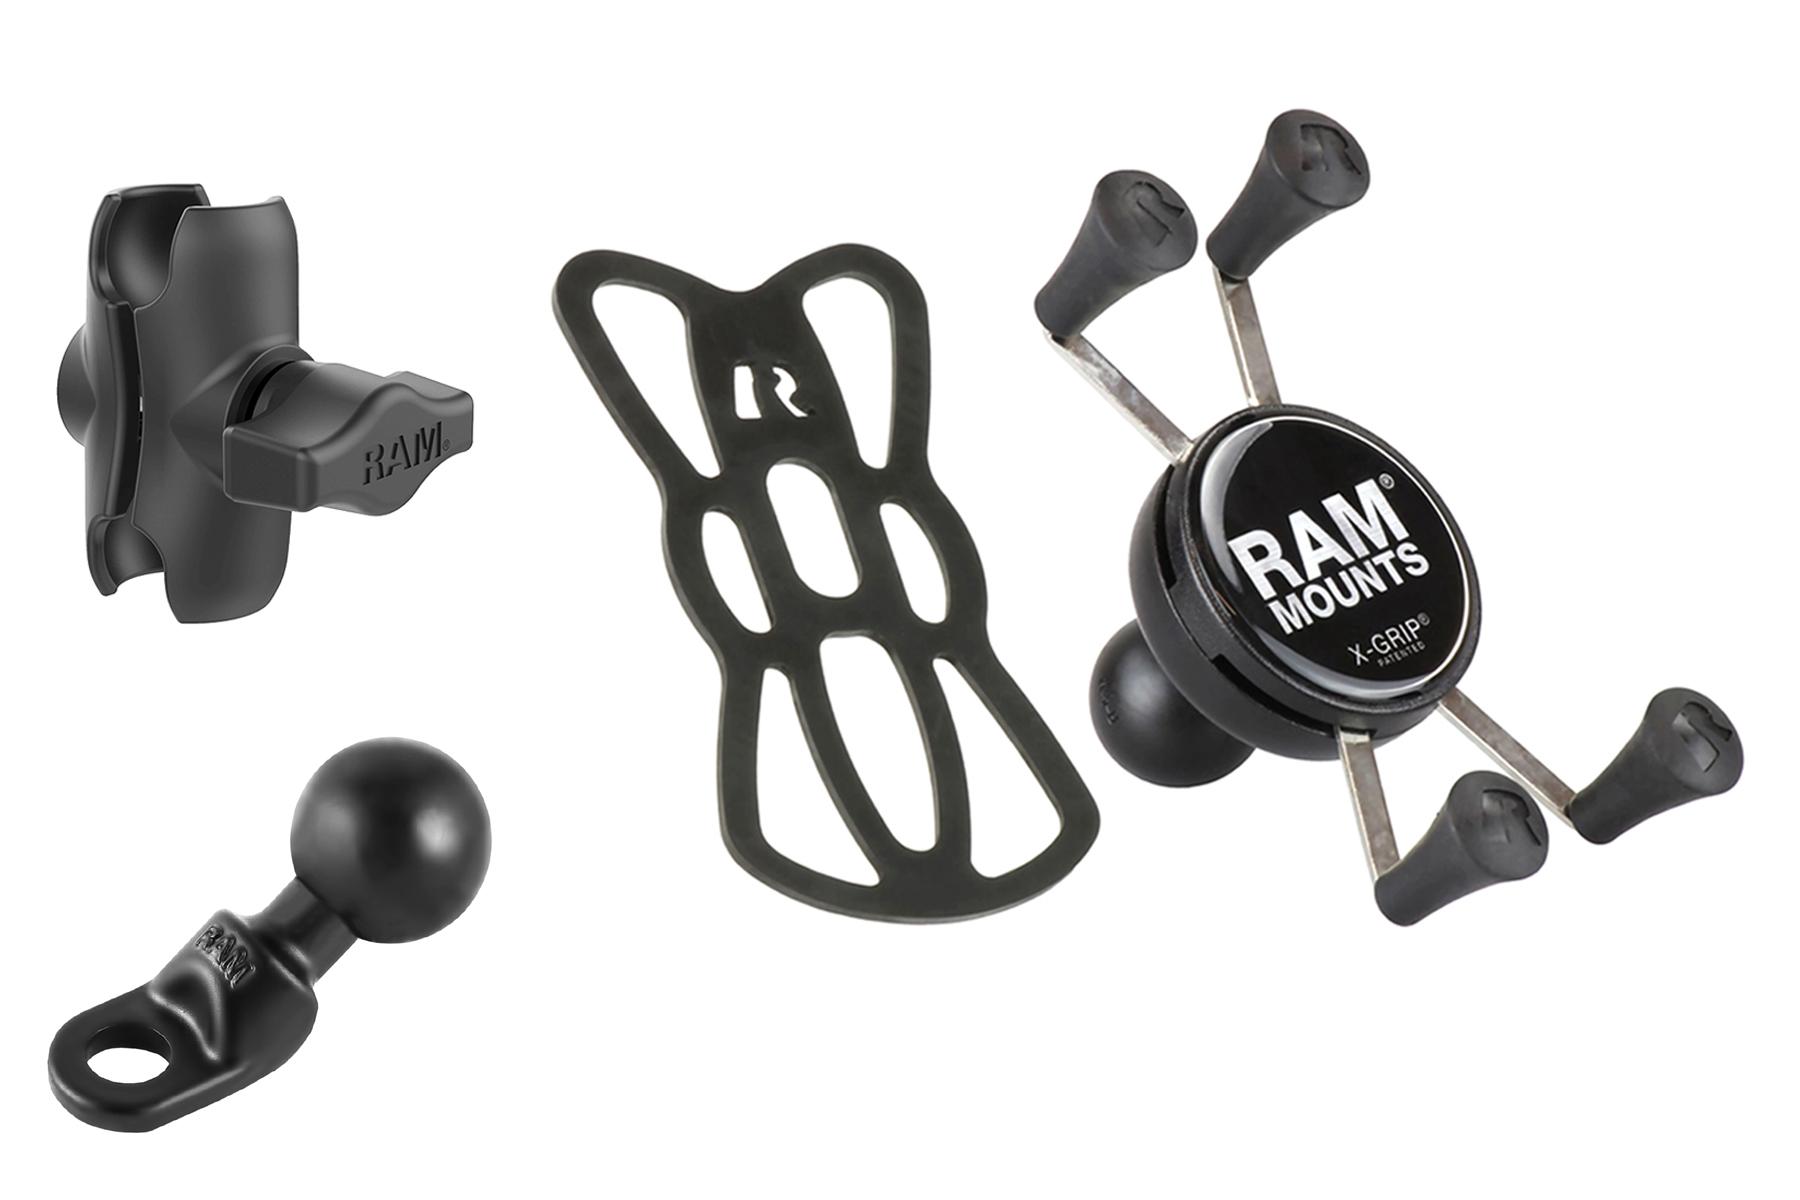 ラムマウント Xグリップ&ミラーフレームセット 9mm穴用 スマートフォン用 ショートアーム 1インチボール RAM-PL2